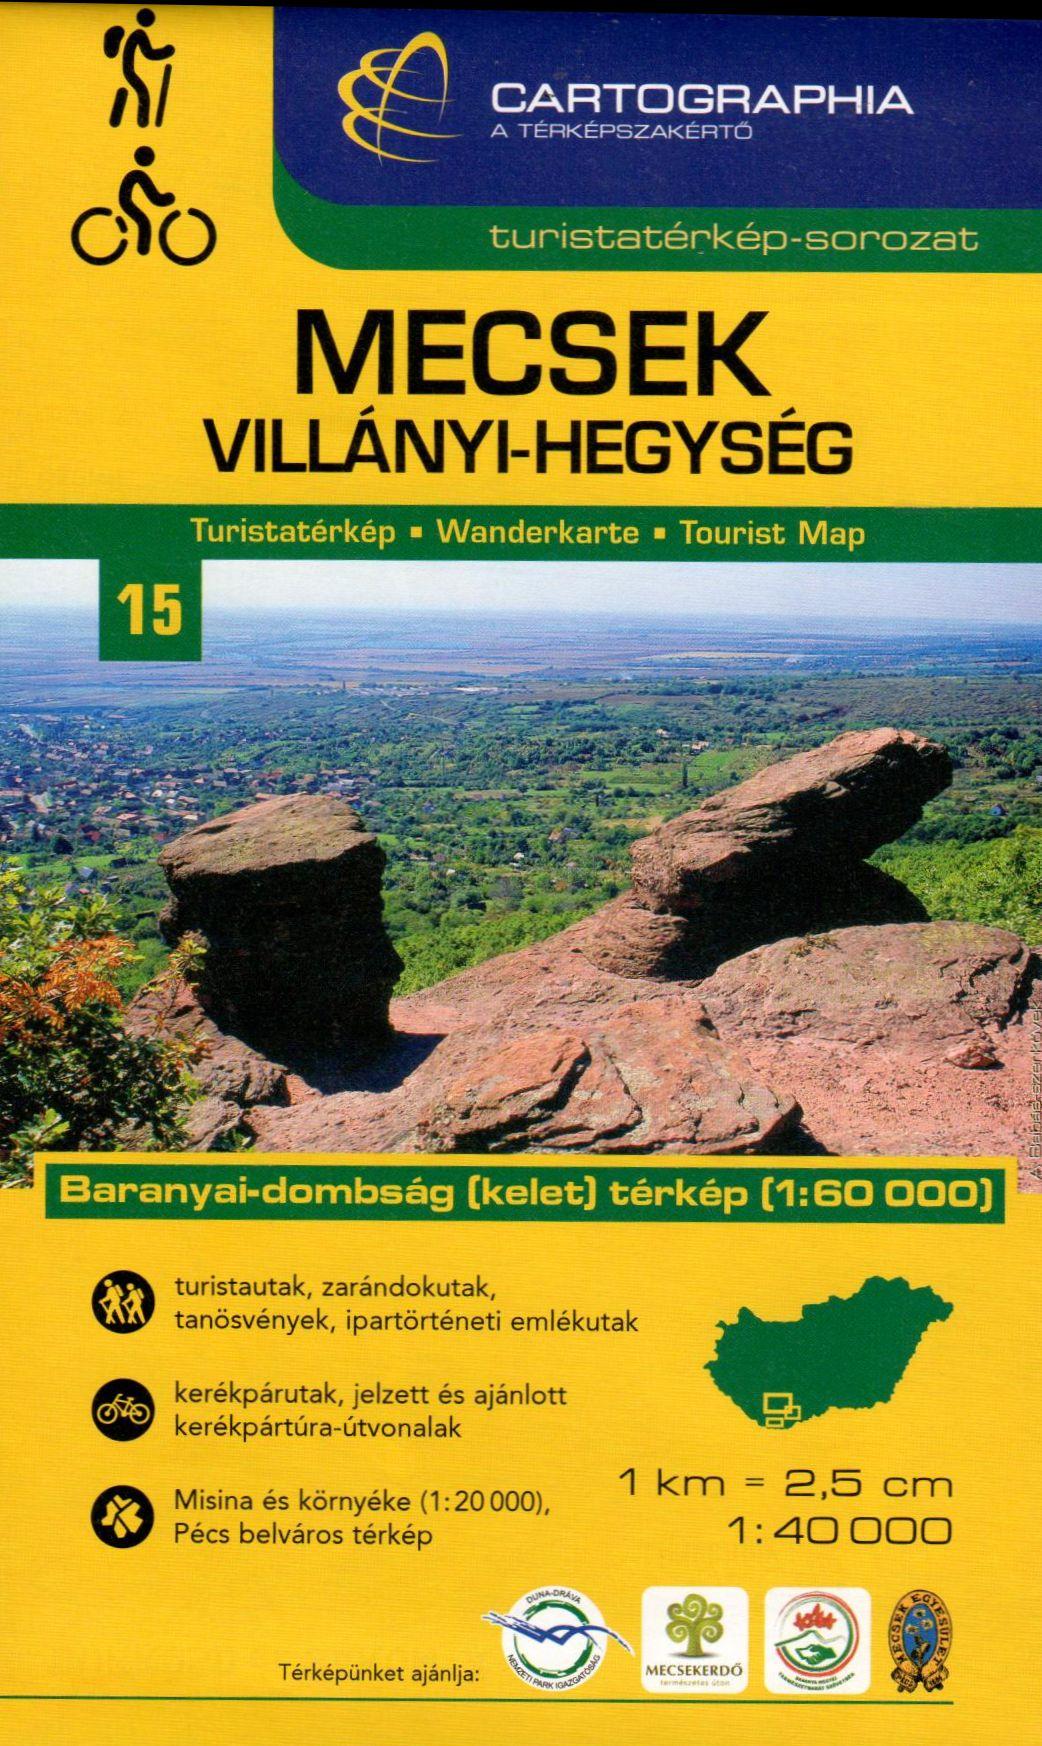 Melléktérképek: Tubes-Misina 1:20.000, Baranyai-dombság (K) 1:60.000